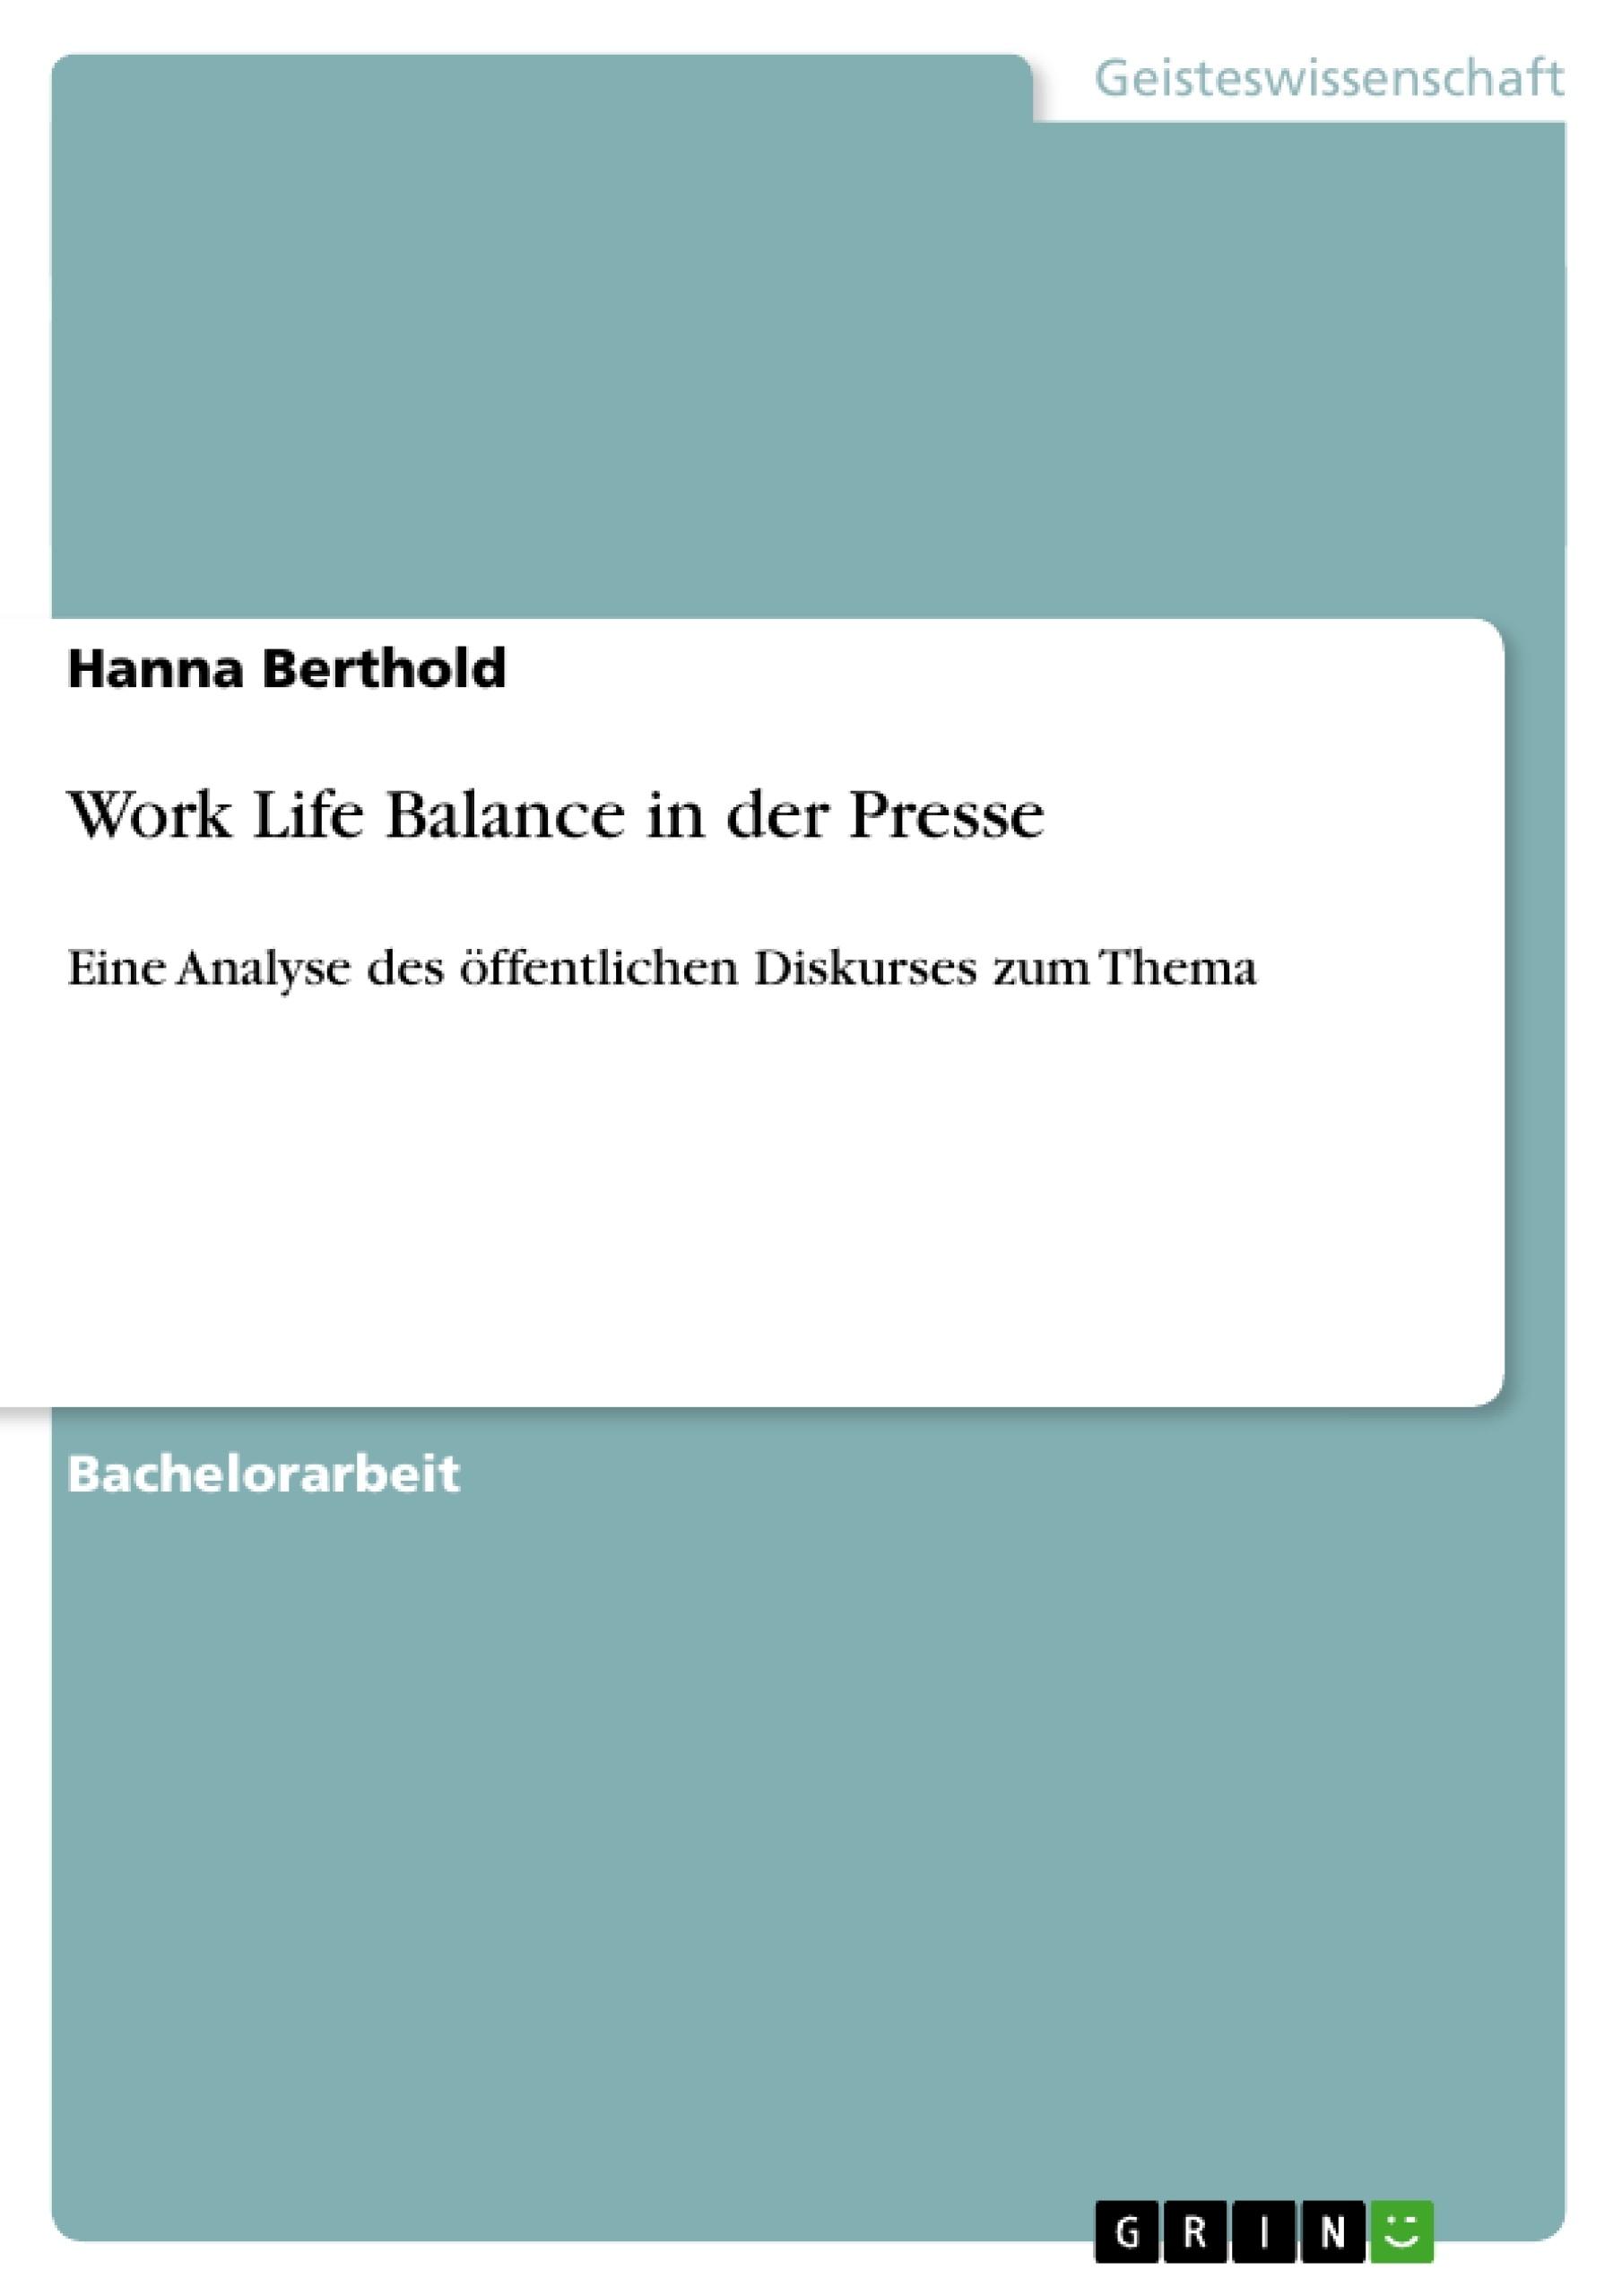 Titel: Work Life Balance in der Presse